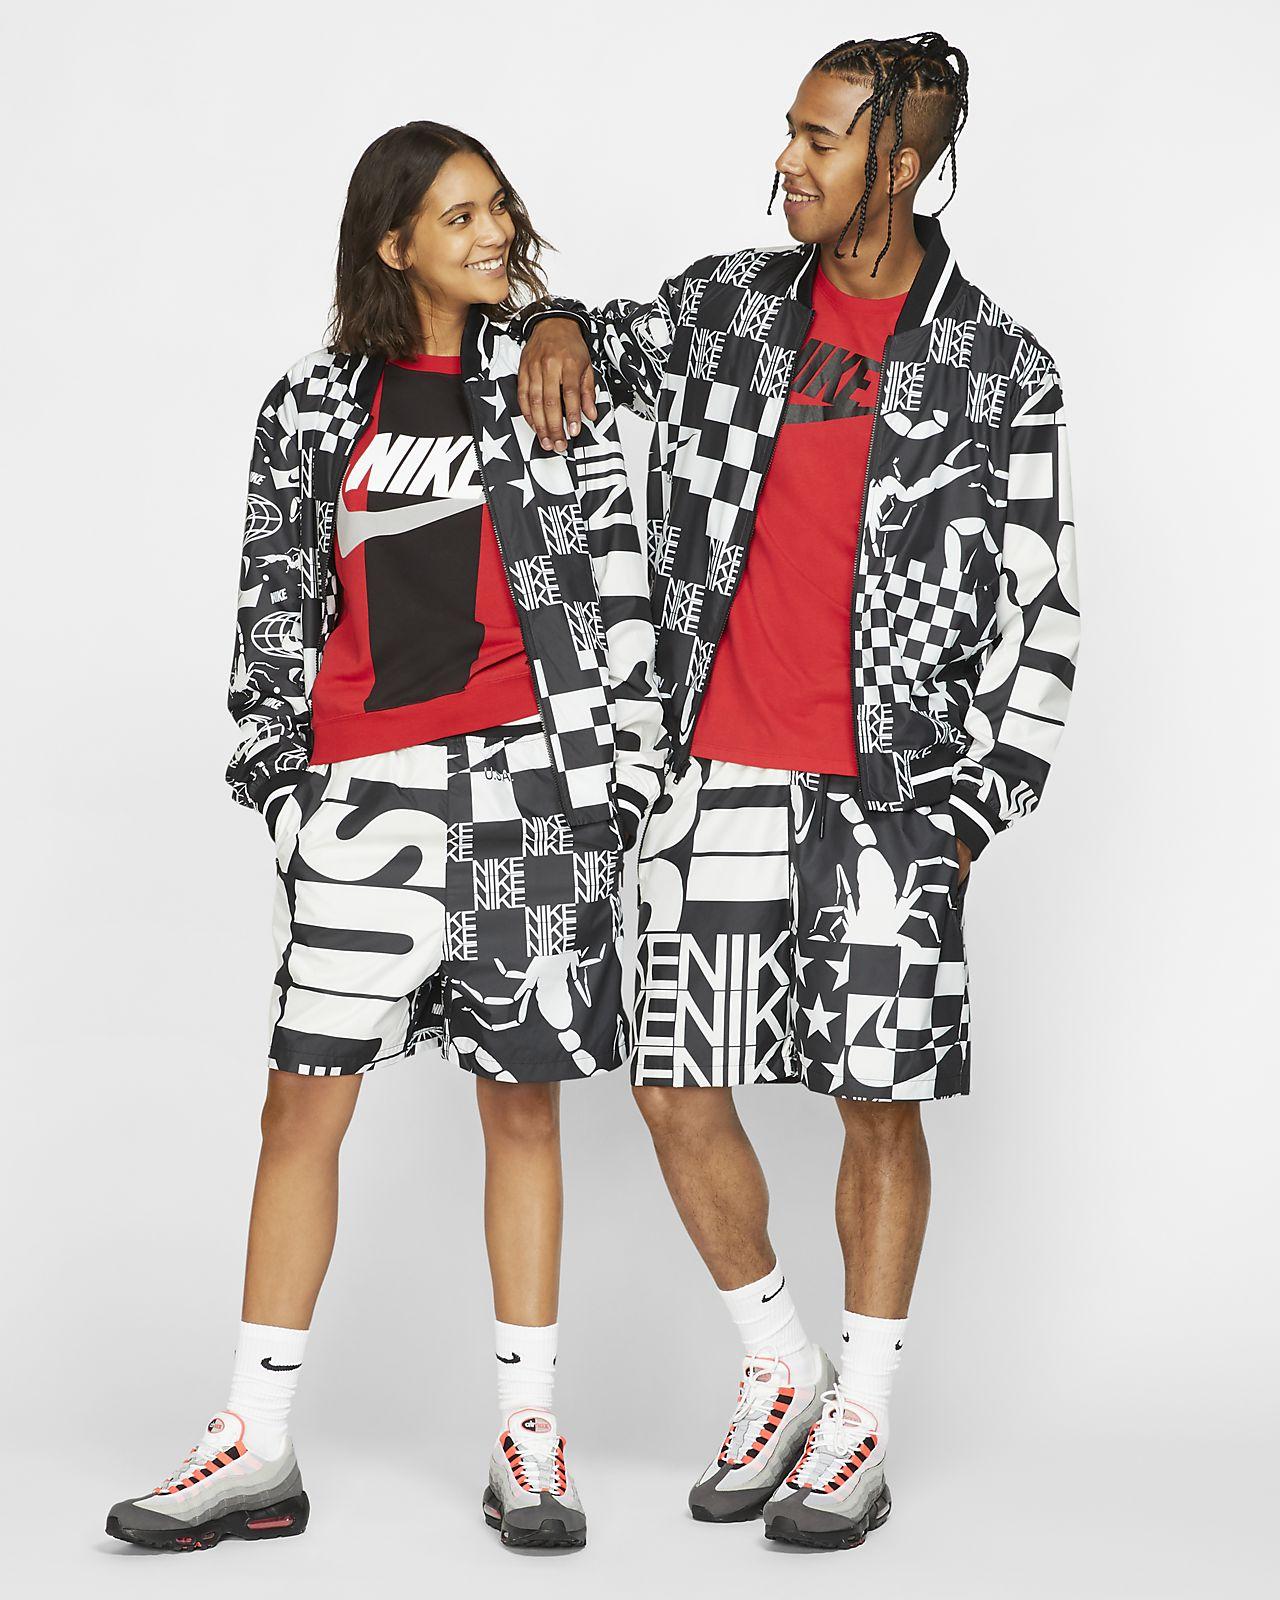 Calções estampados Nike Sportswear